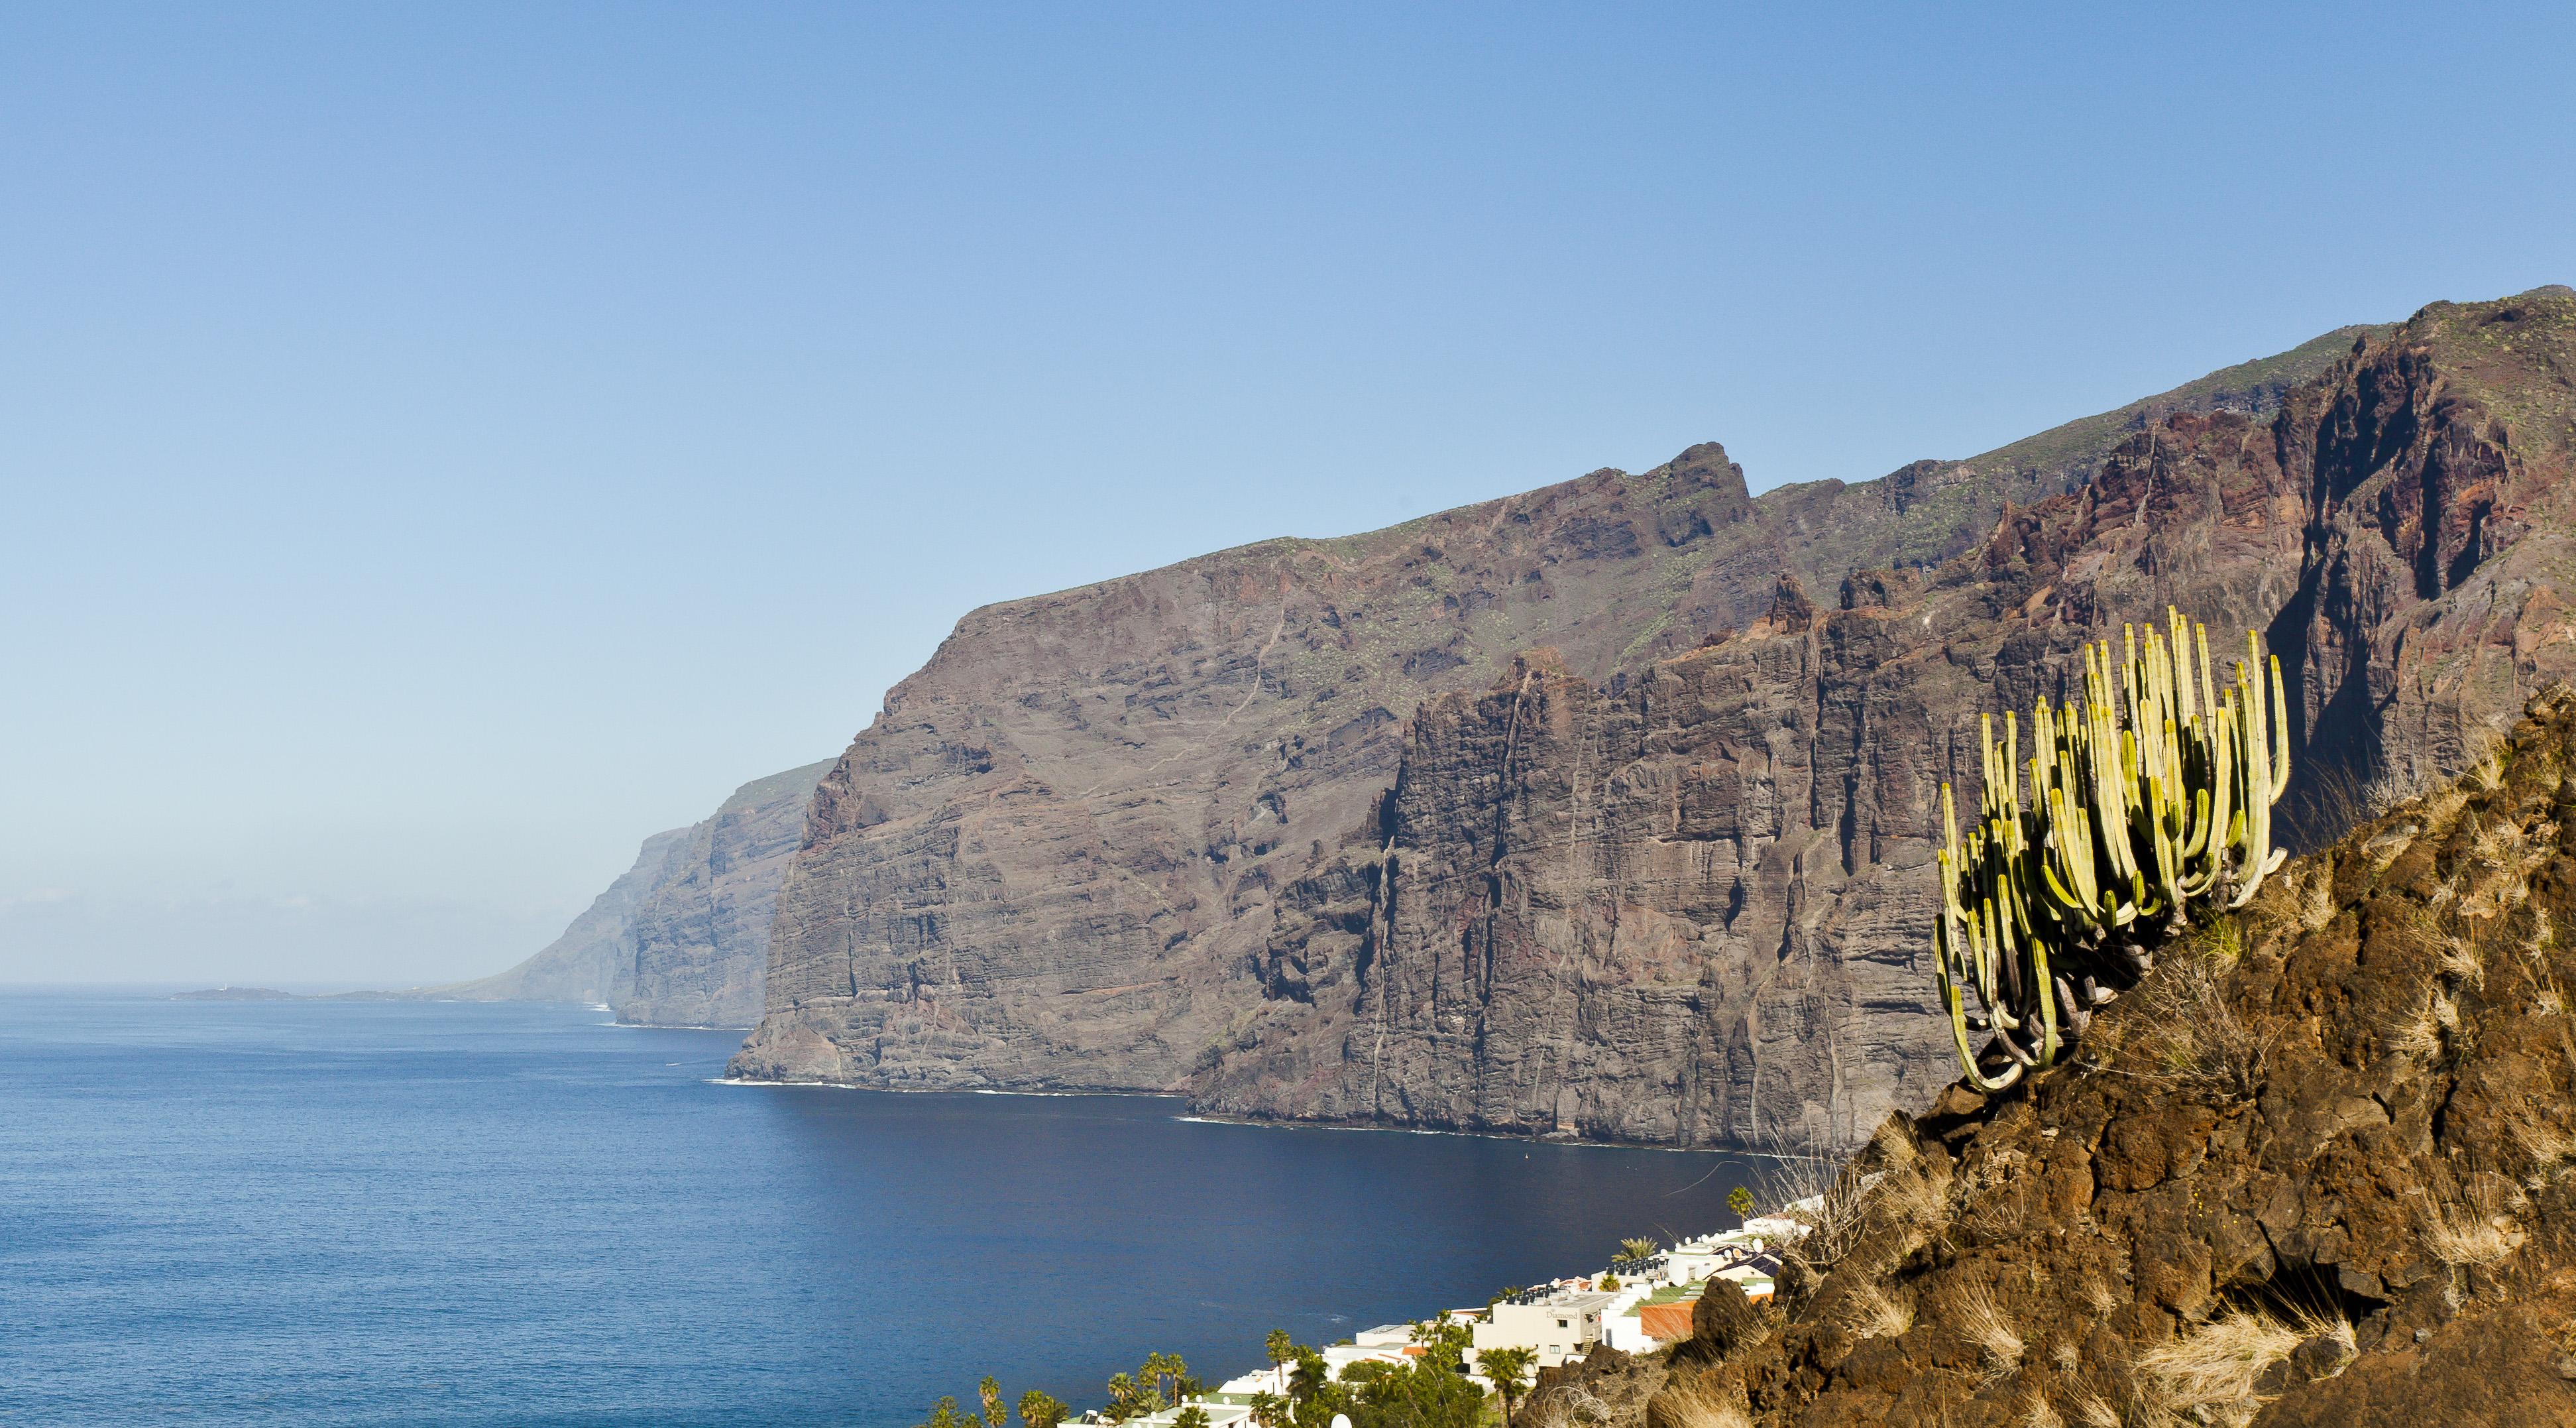 Oferta de viaje a Tenerife en el Puente del Pilar